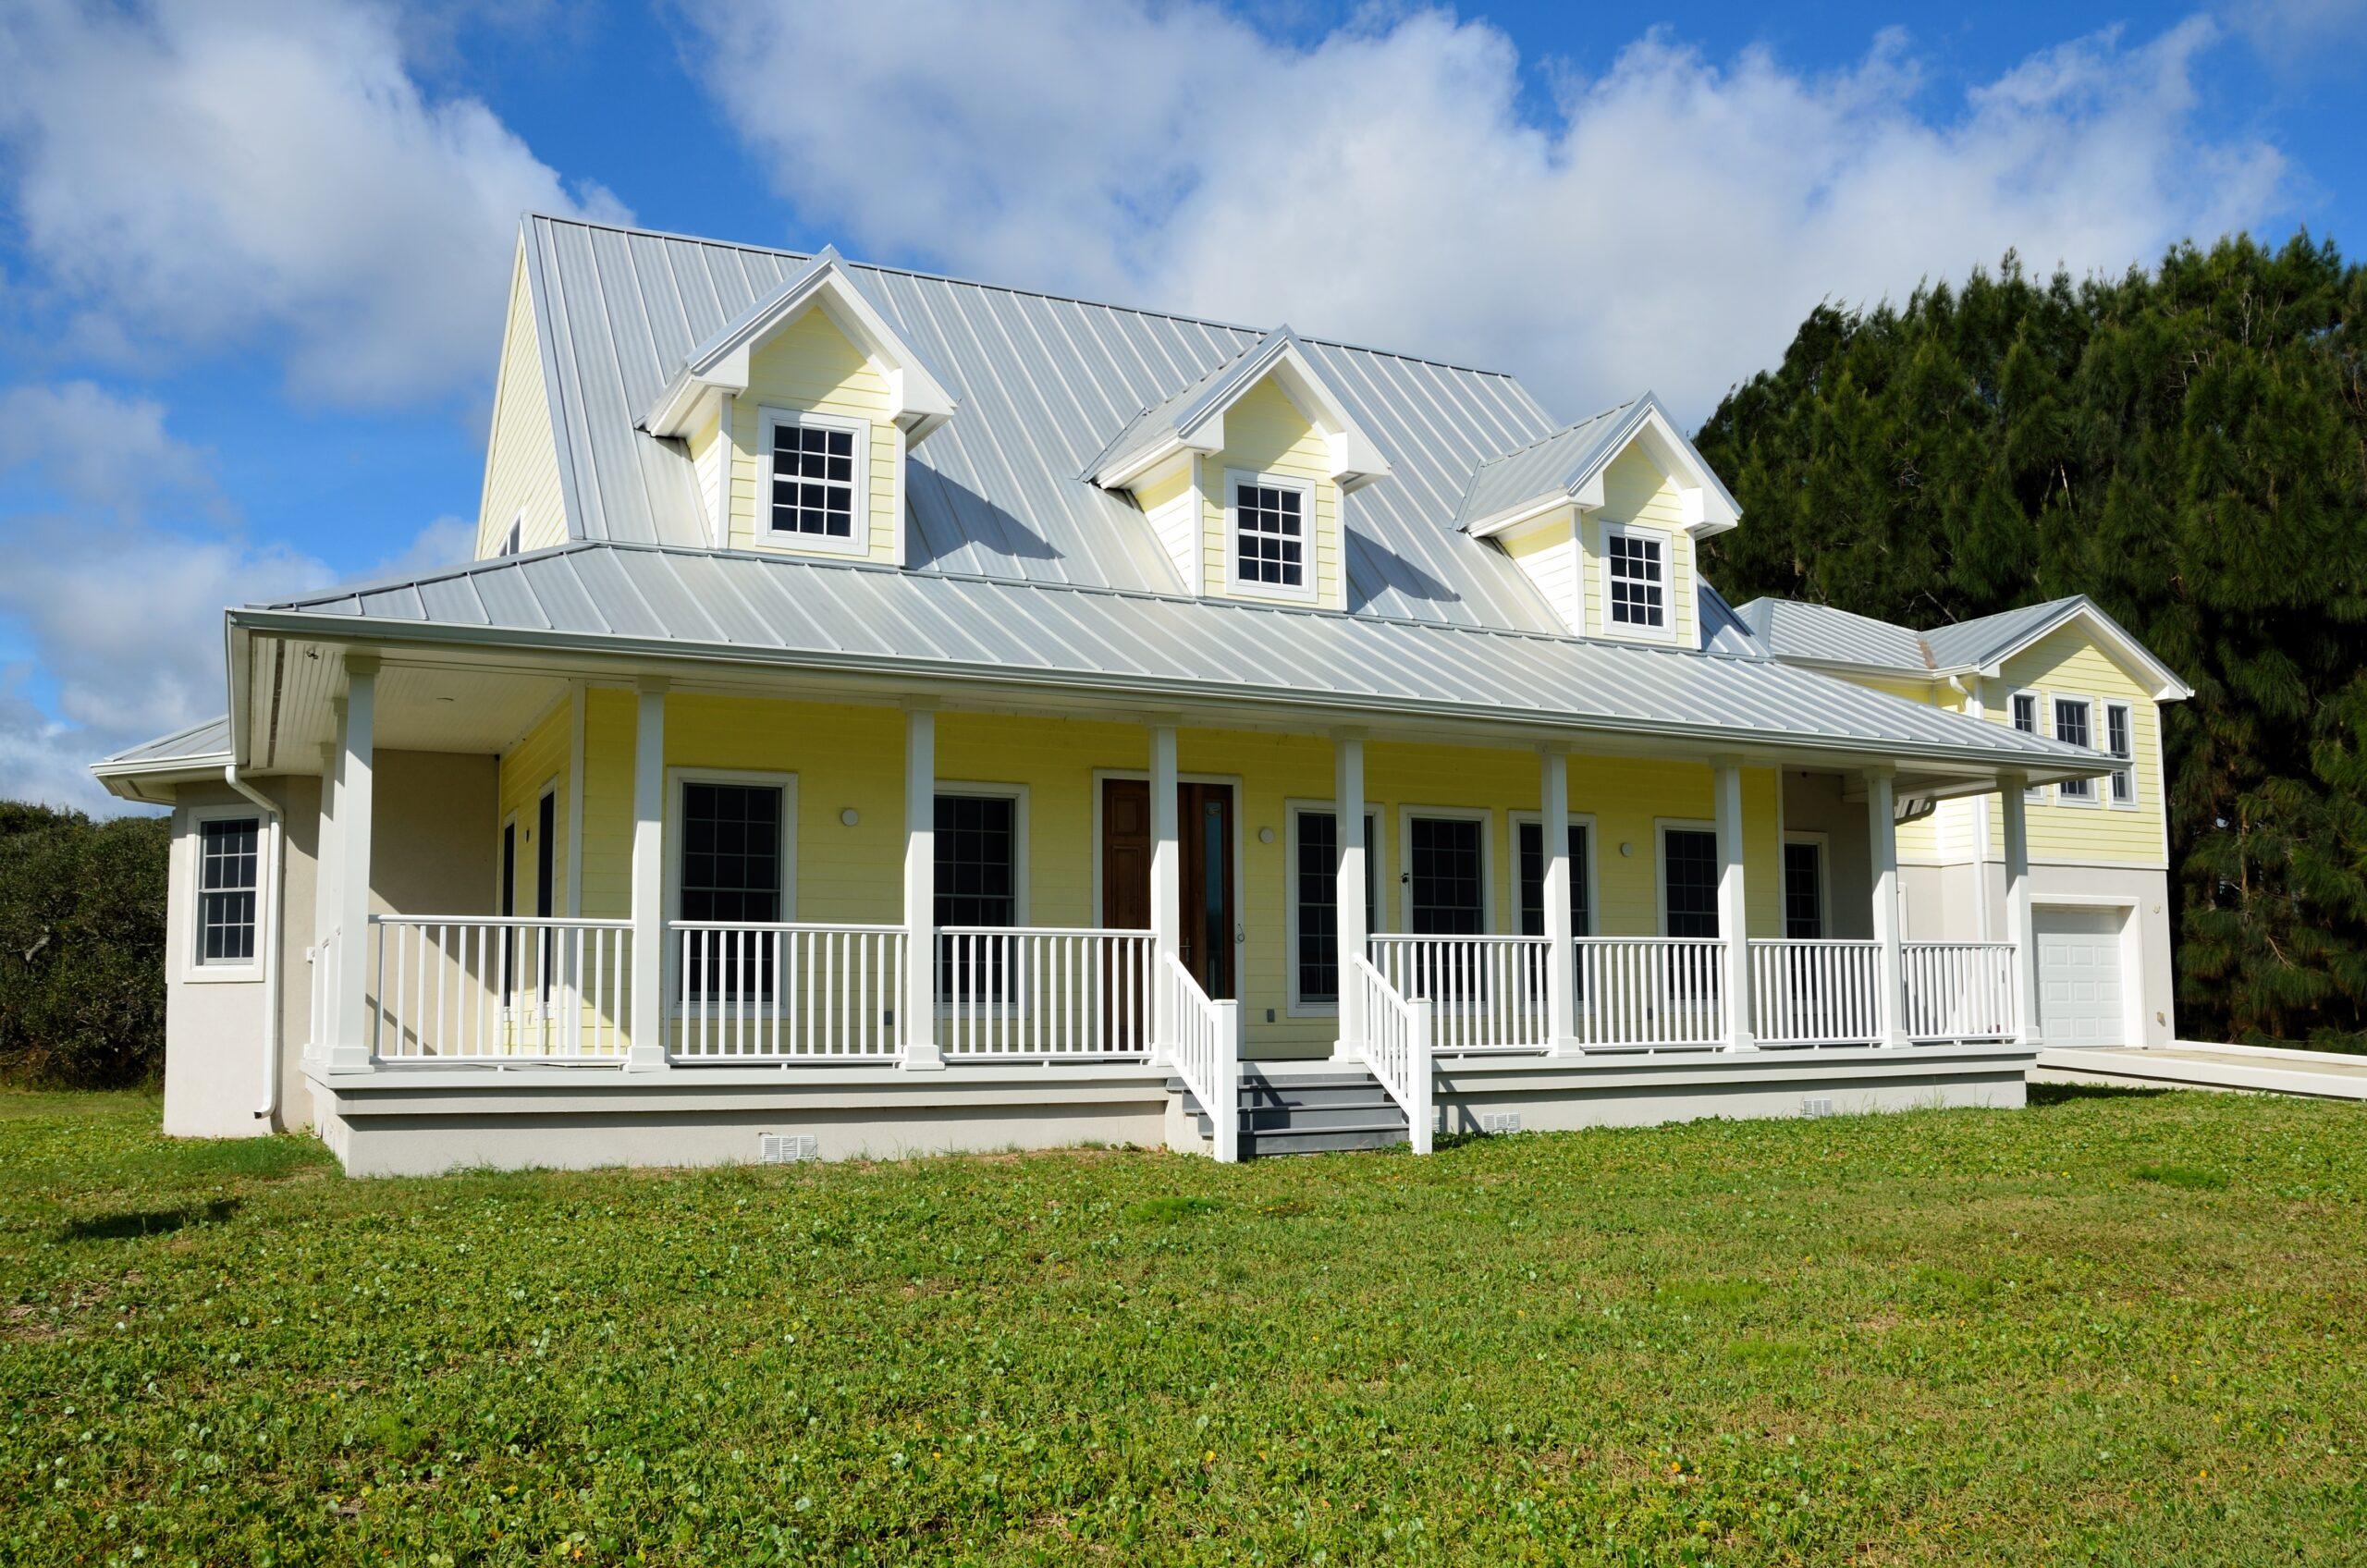 Aprenda a pagar menos imposto com aluguel de imóveis